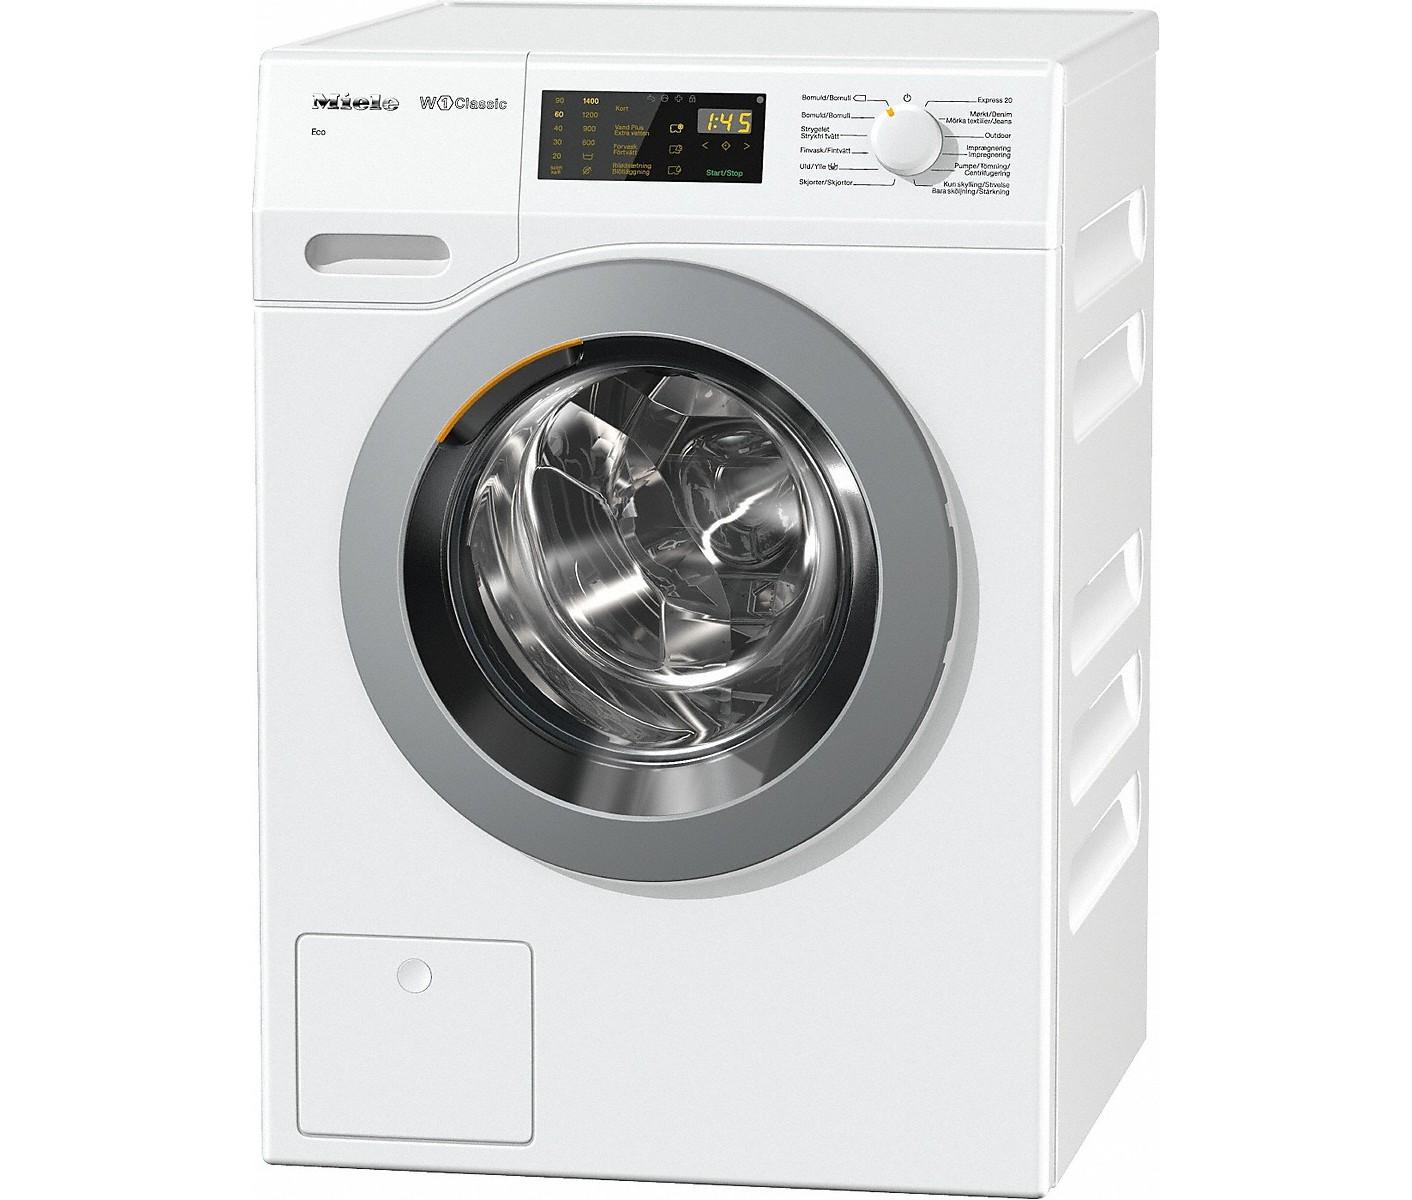 hvor mange omdrejninger skal en vaskemaskine have